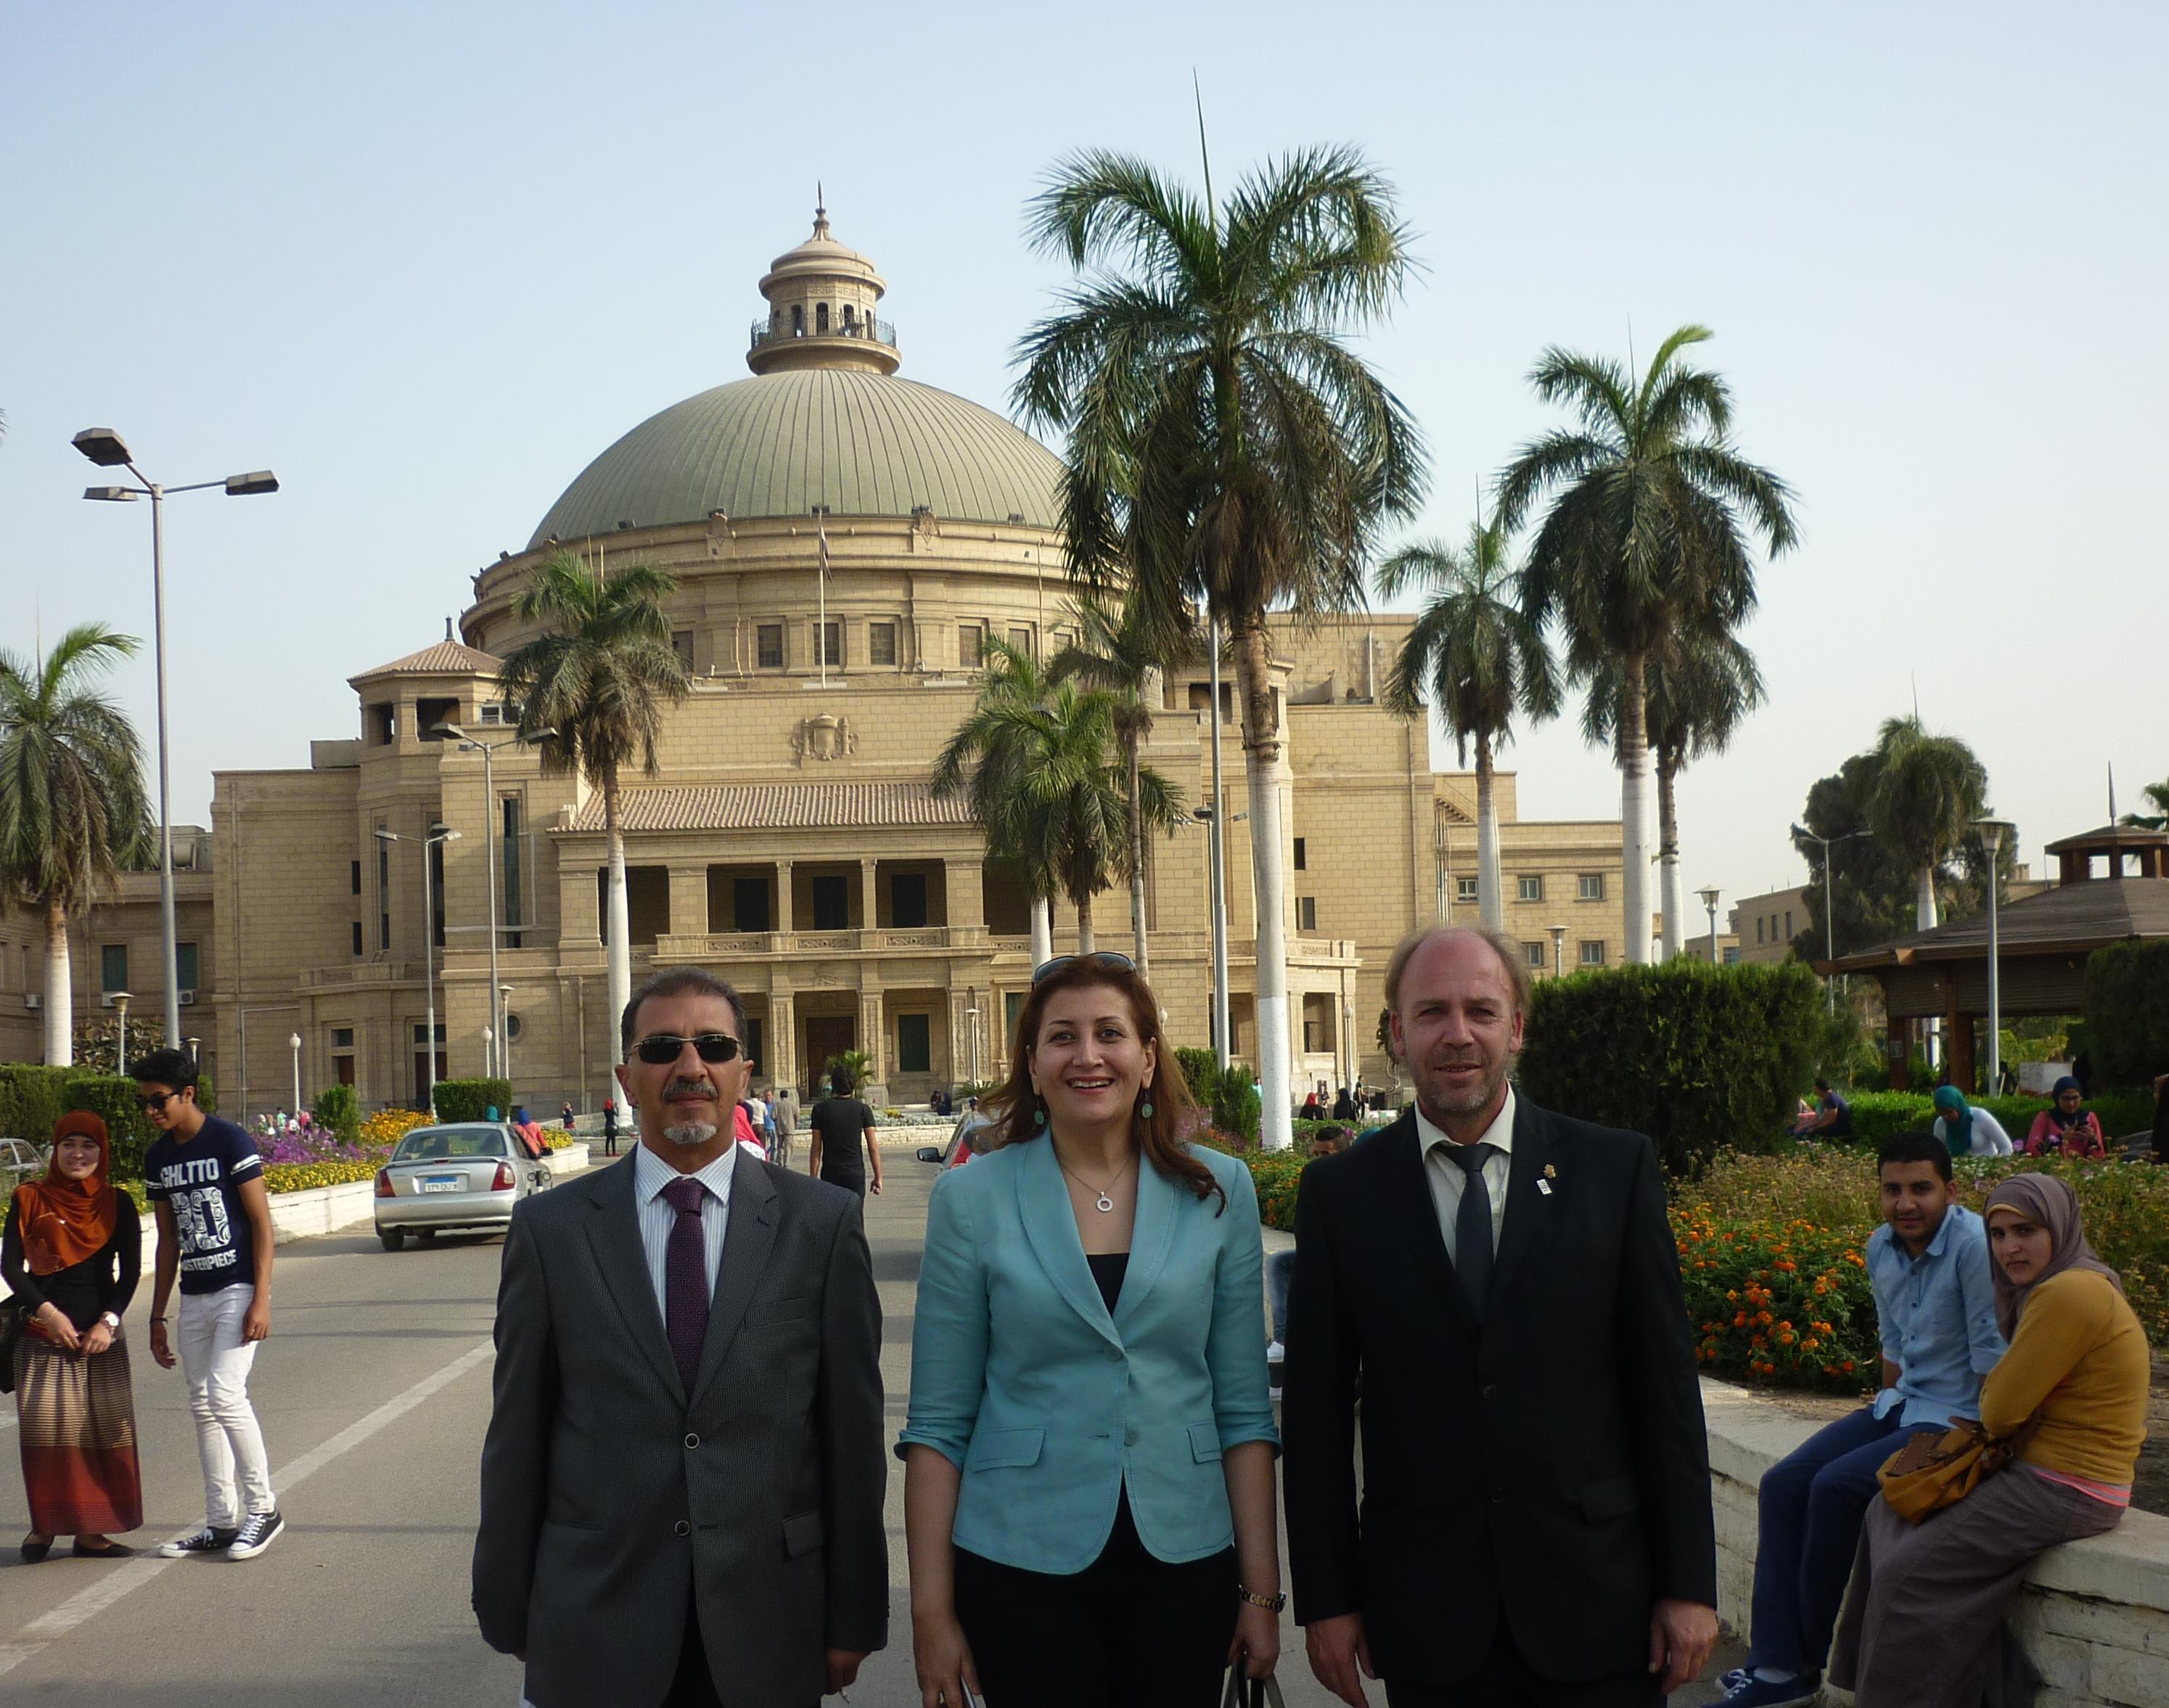 05-Diego-Buffa- Hamurabi-Noufouri- Riham-Abdelaziz- Cairo University